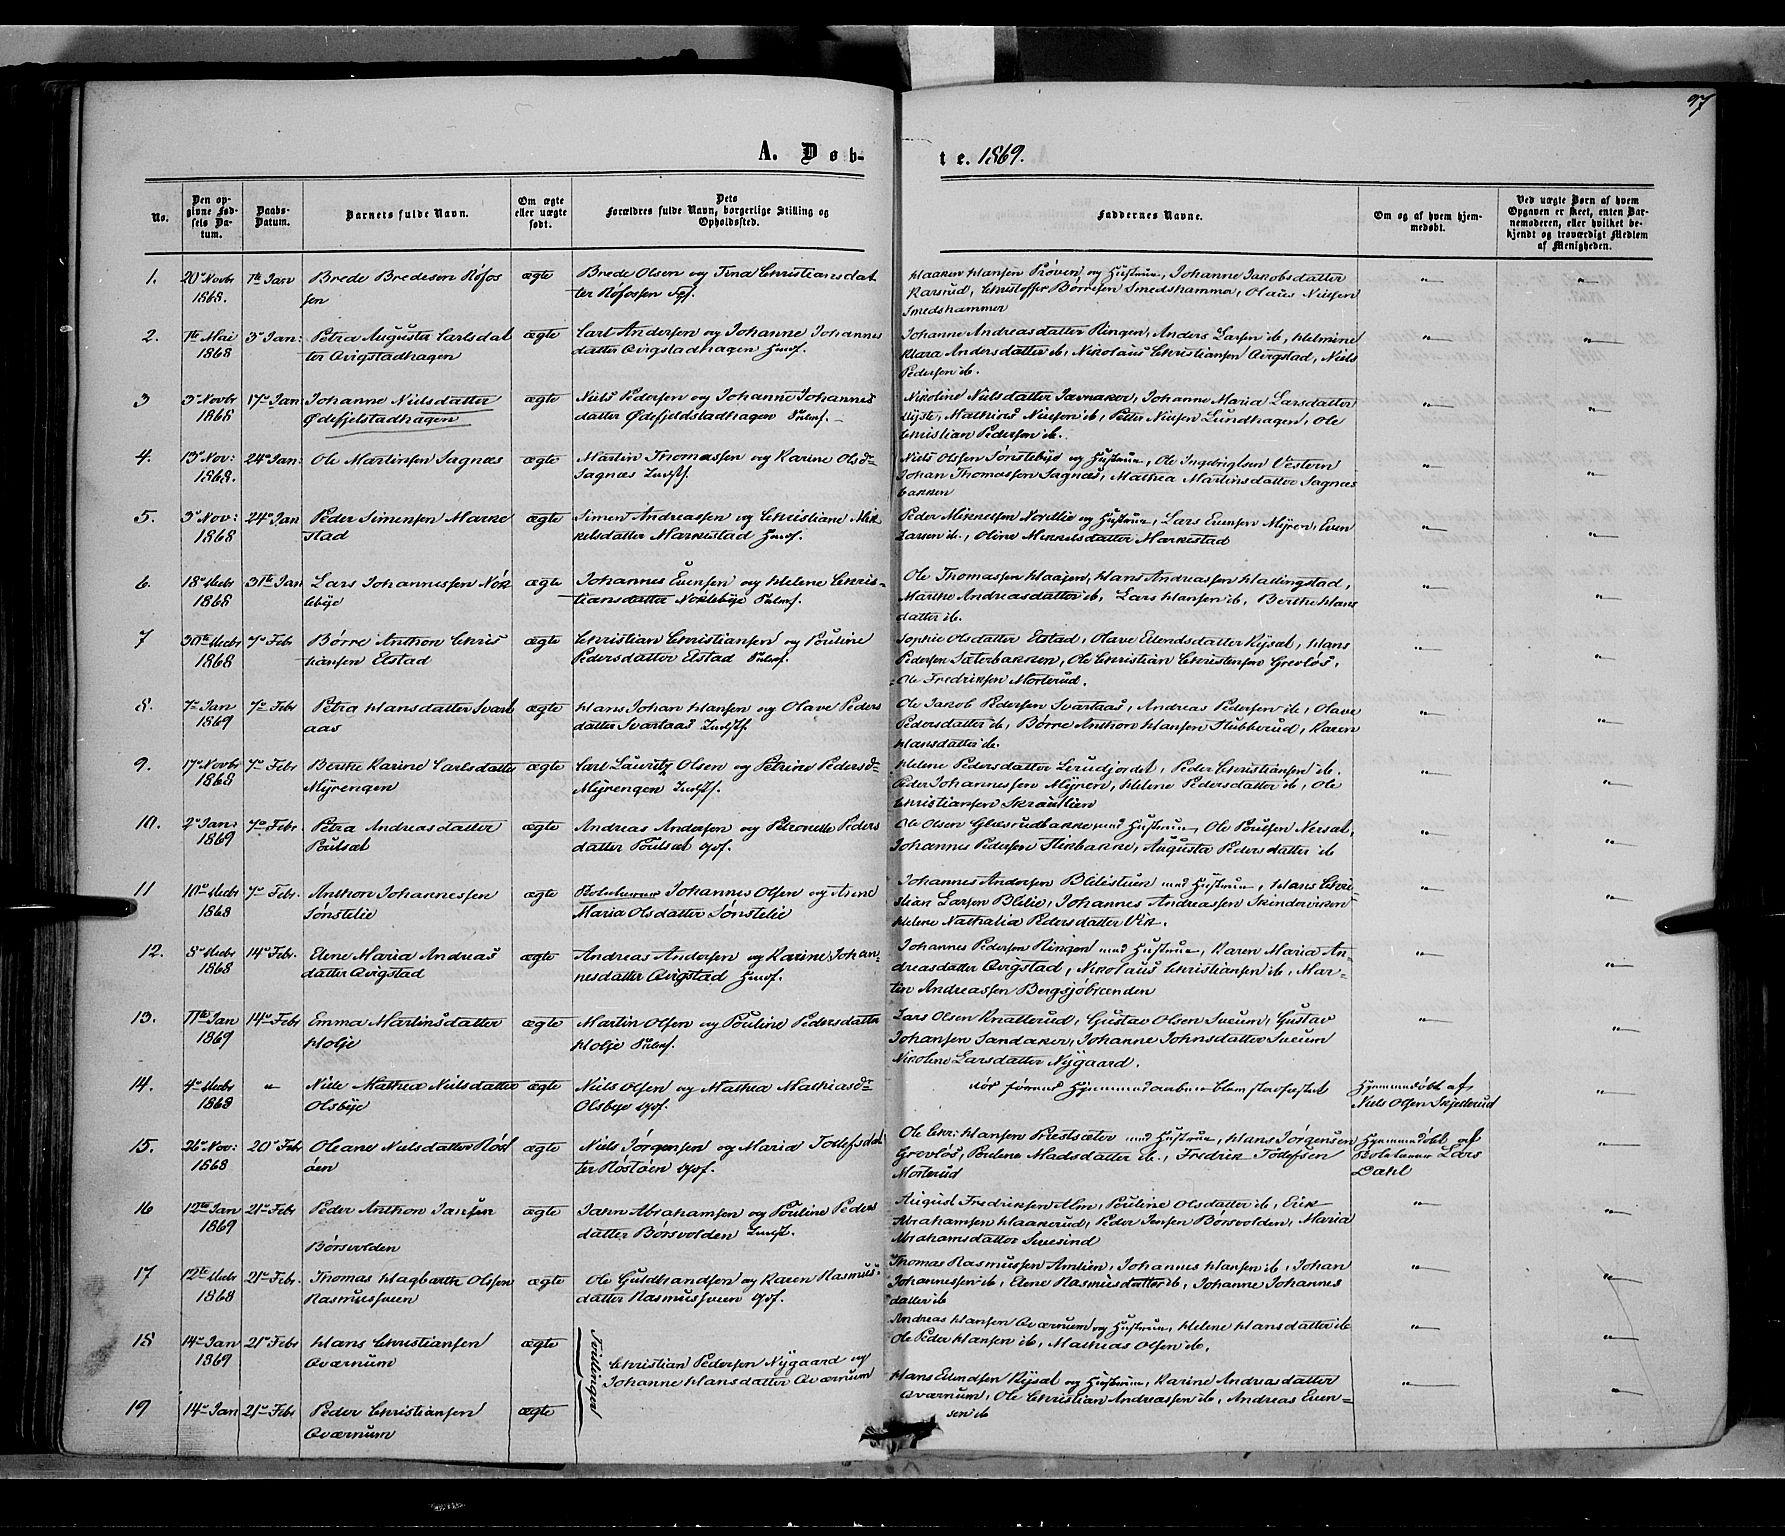 SAH, Vestre Toten prestekontor, Ministerialbok nr. 7, 1862-1869, s. 97